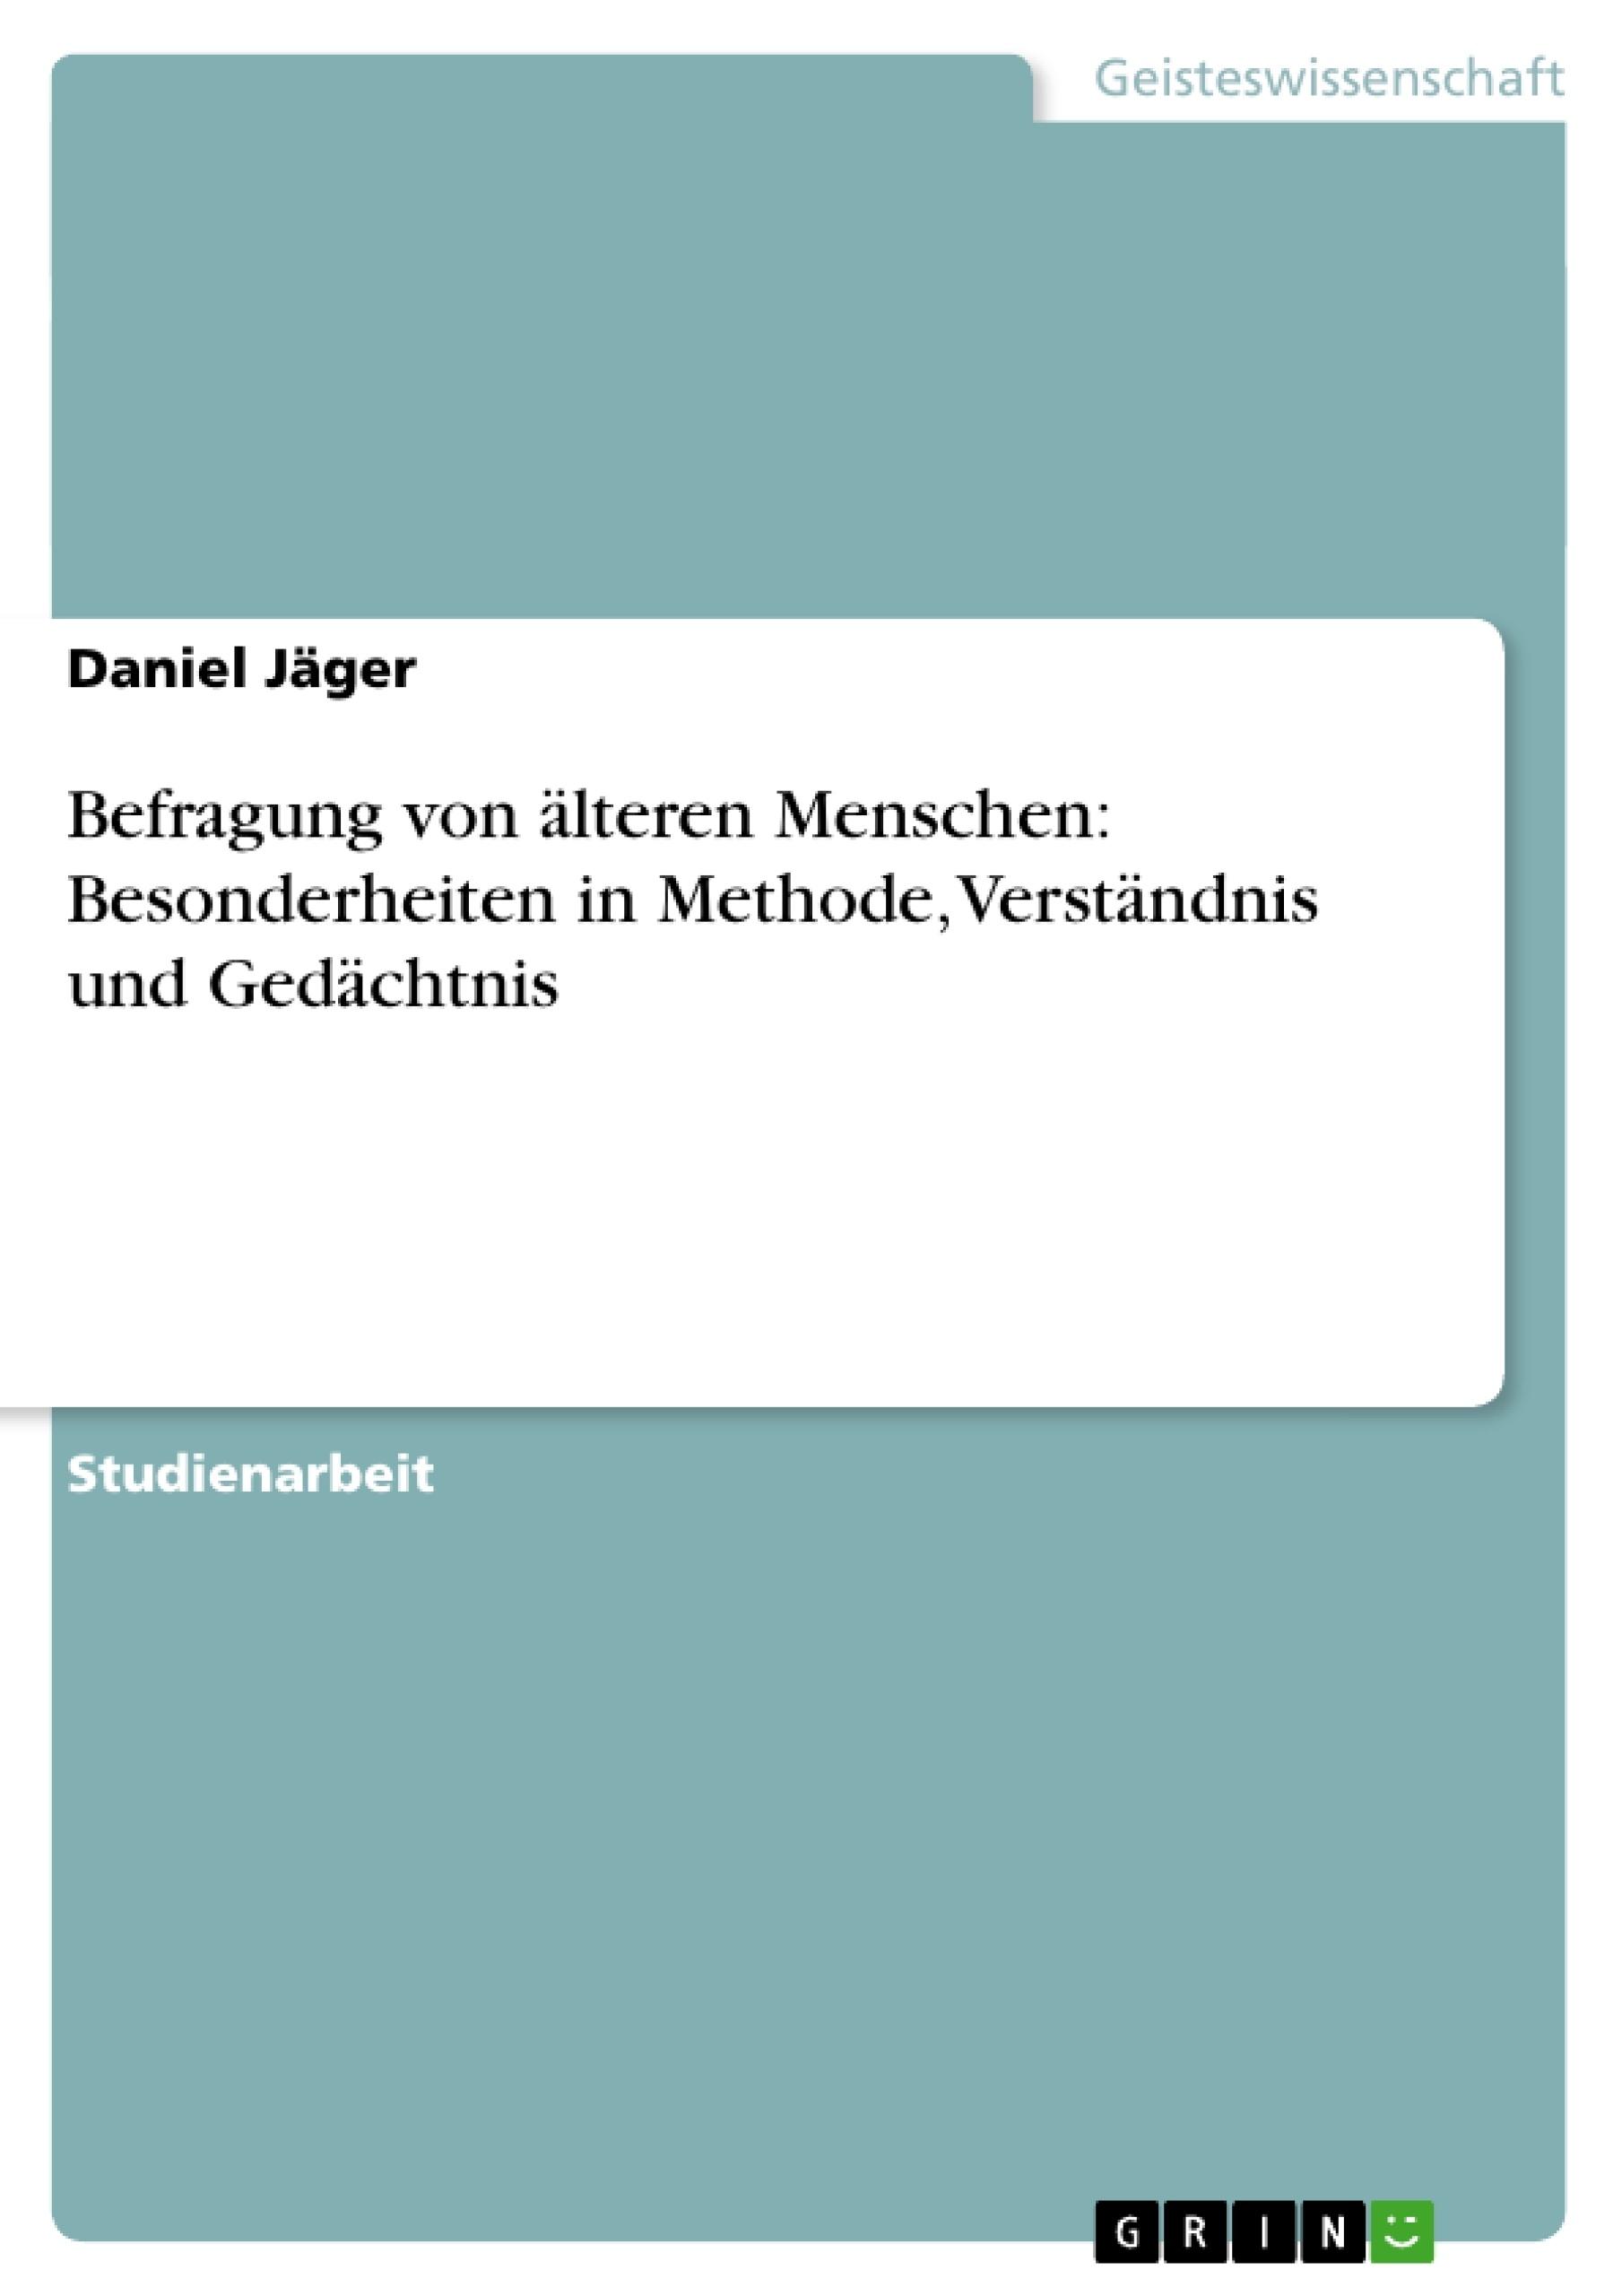 Titel: Befragung von älteren Menschen: Besonderheiten in Methode, Verständnis und Gedächtnis